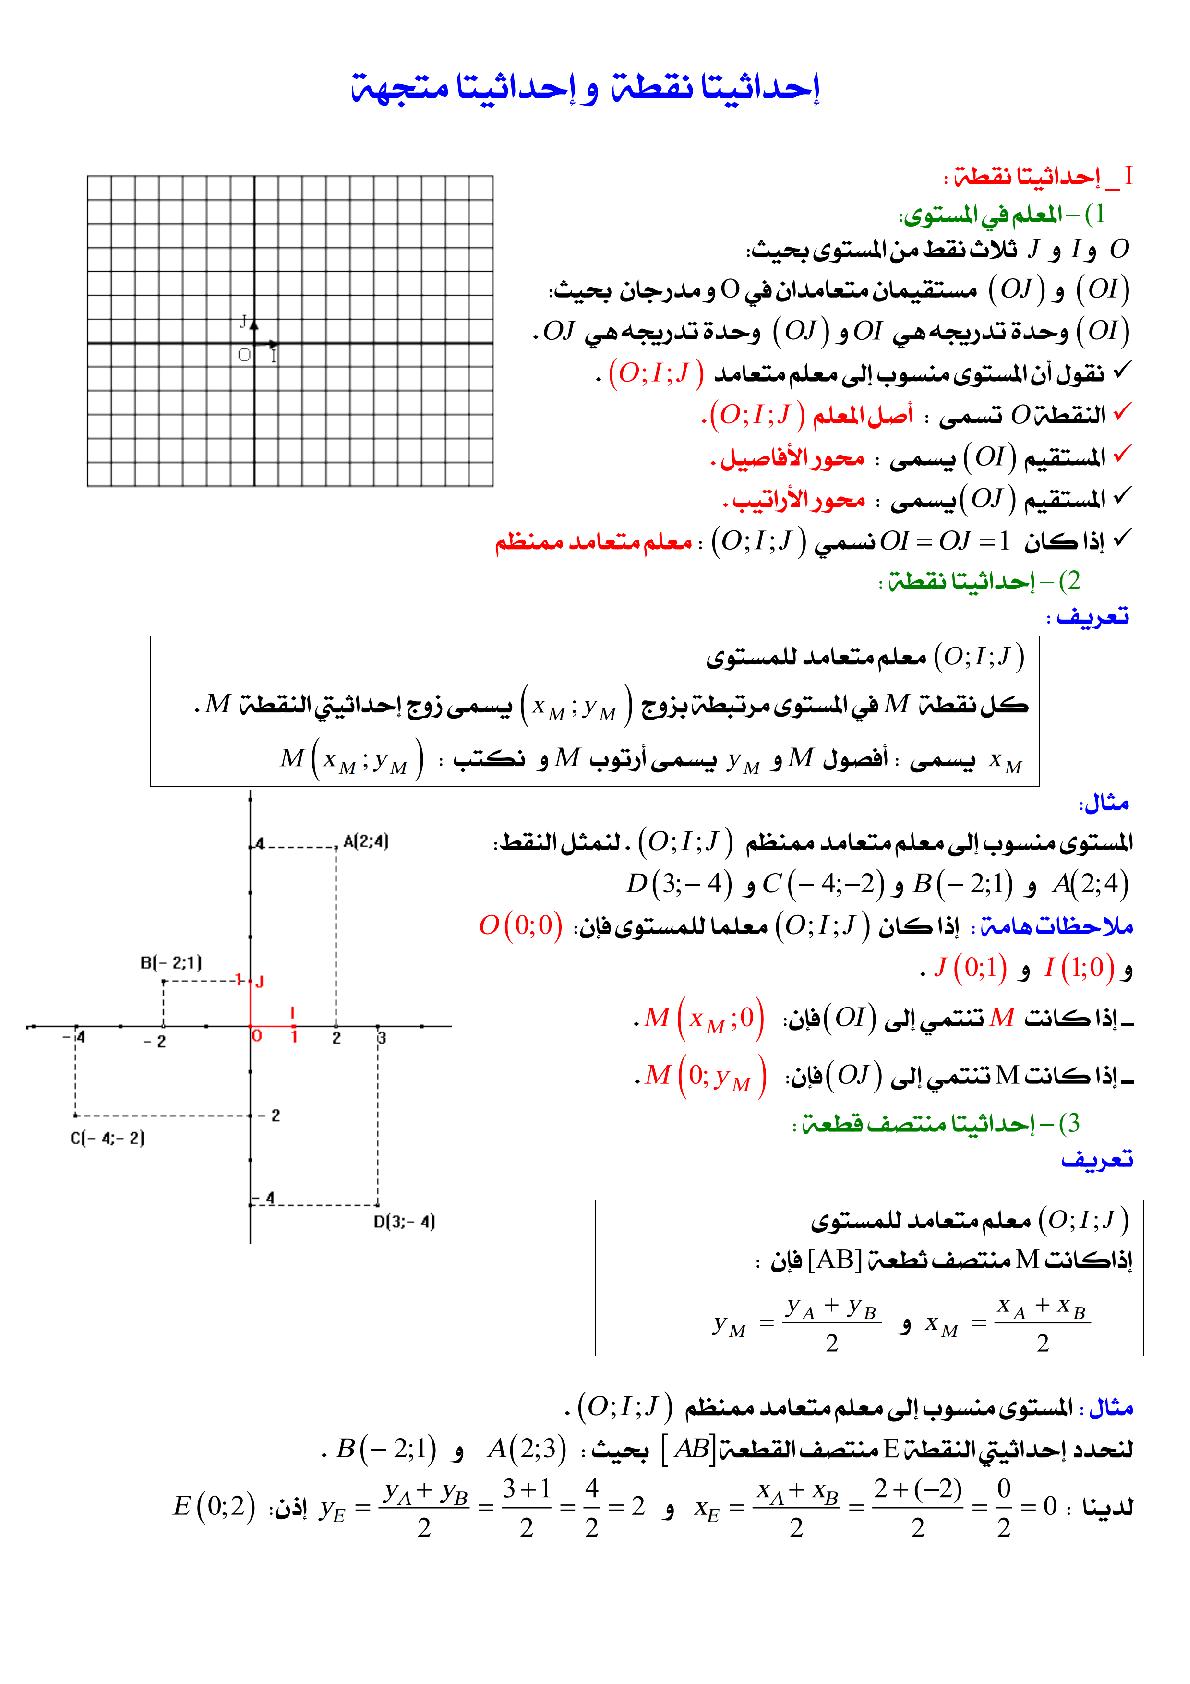 درس إحداثيات نقطة، إحداثيات متجهة في مادة الرياضيات للسنة الثالثة إعدادي